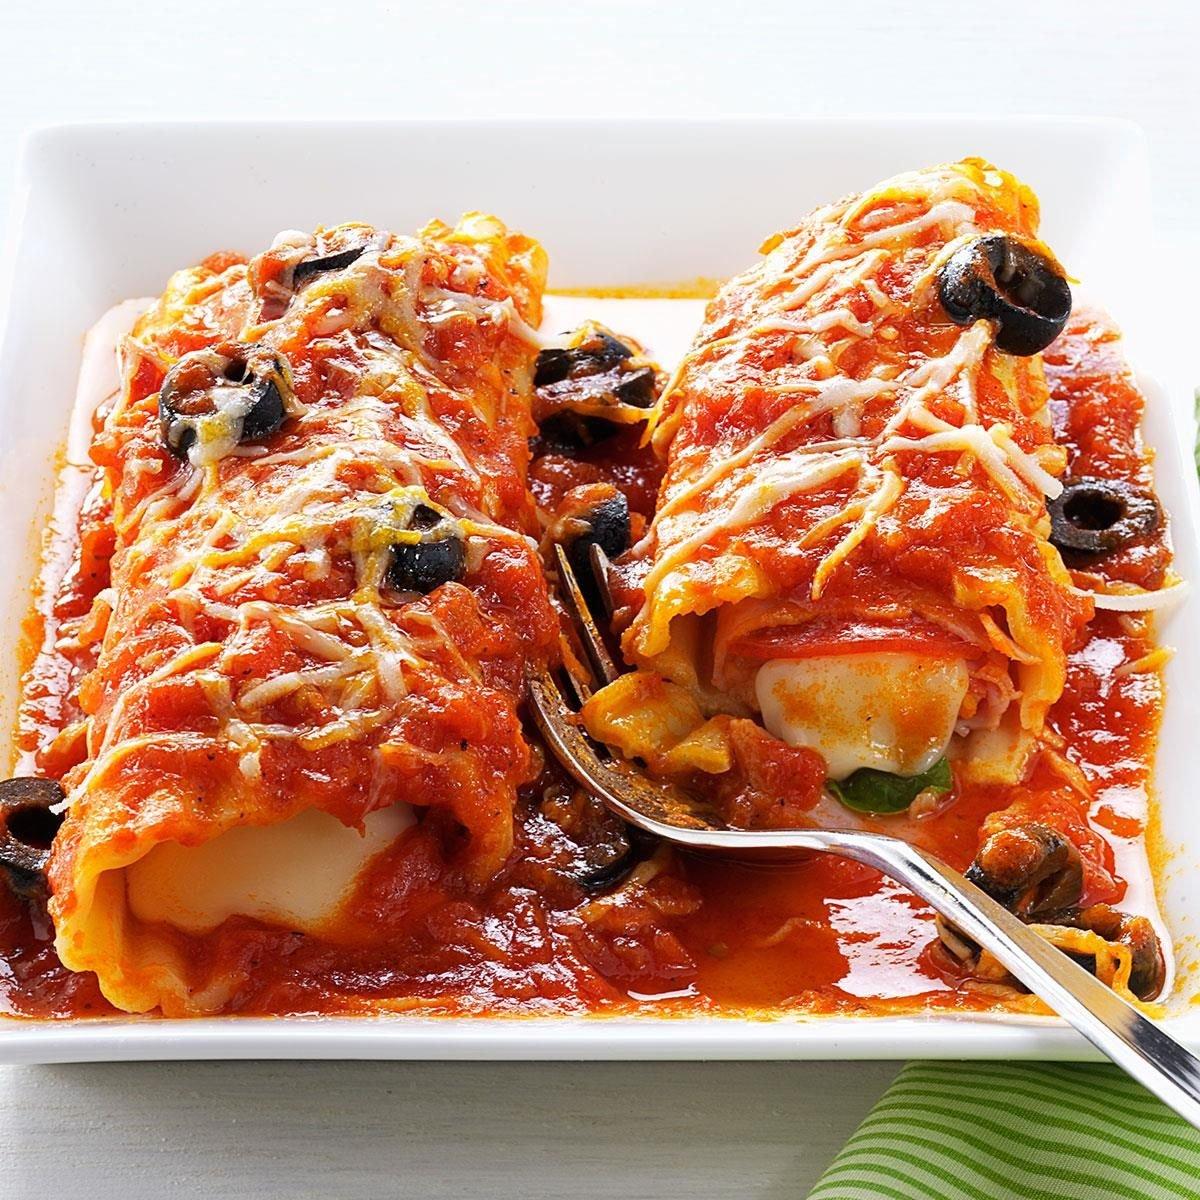 Pizza Style Manicotti Recipe Taste Of Home